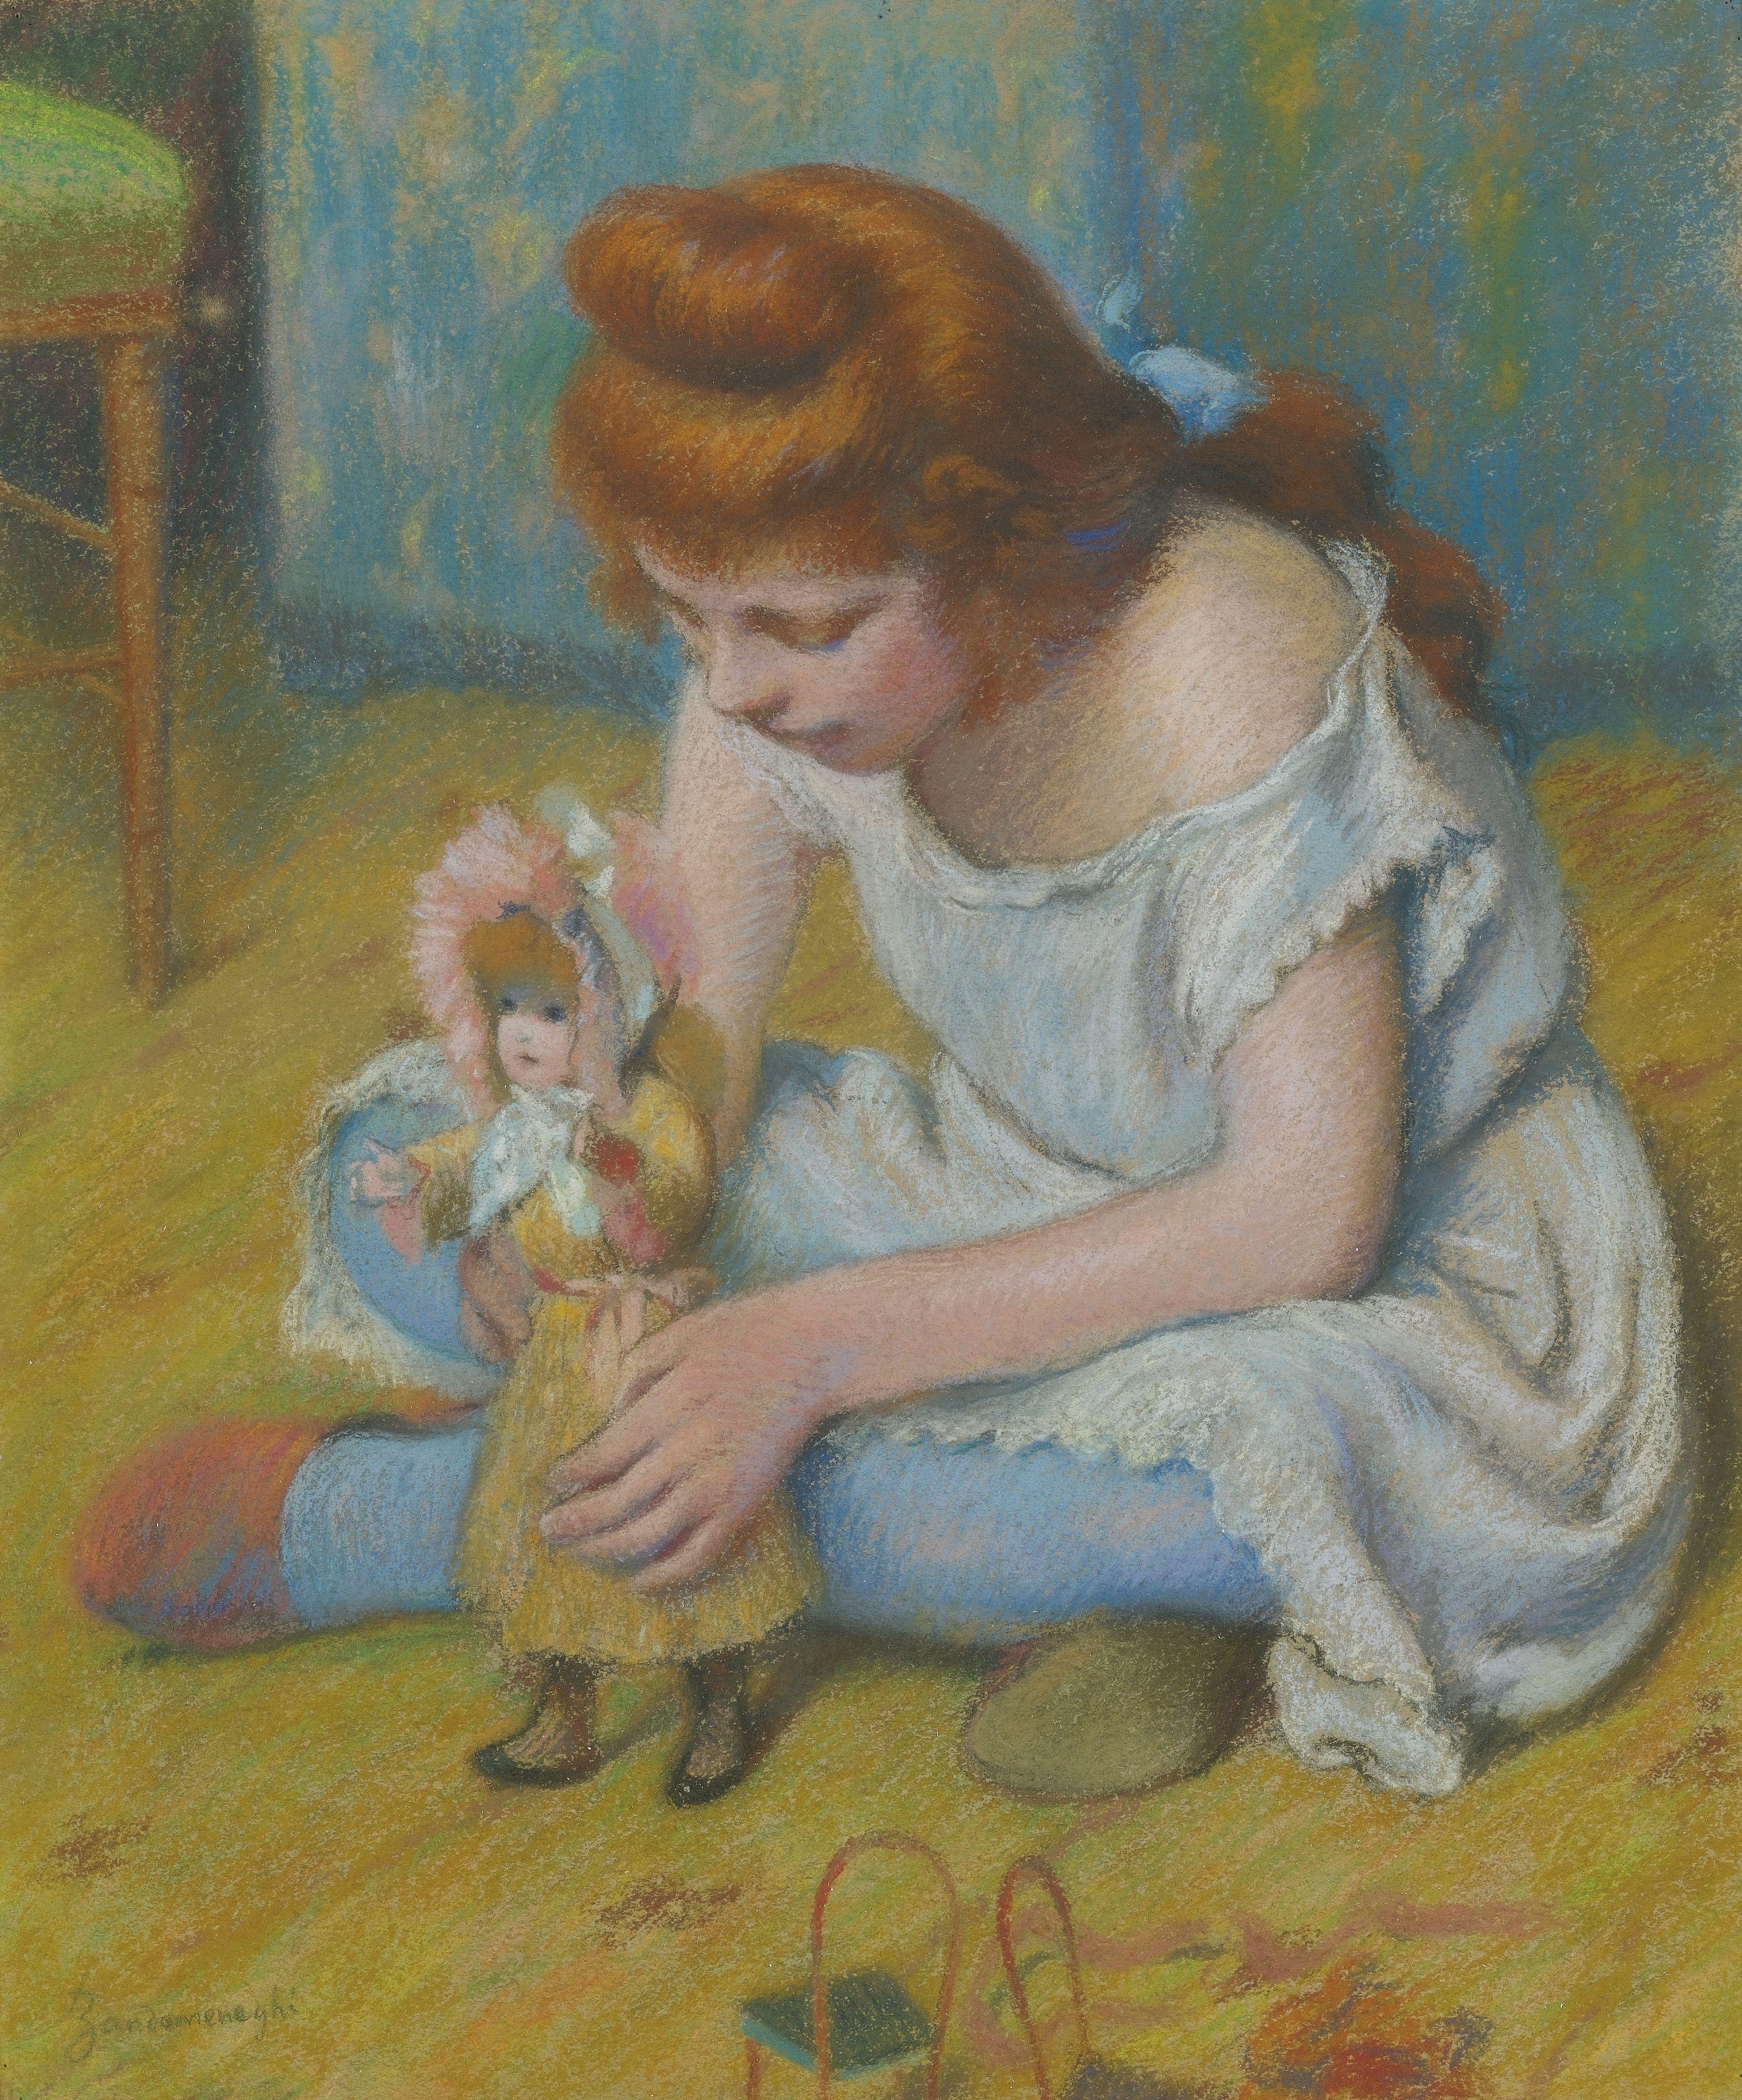 Federico Zandomeneghi (1841-1917) Enfant Jouant A La Poupee (54,6 by 45,7 cm)